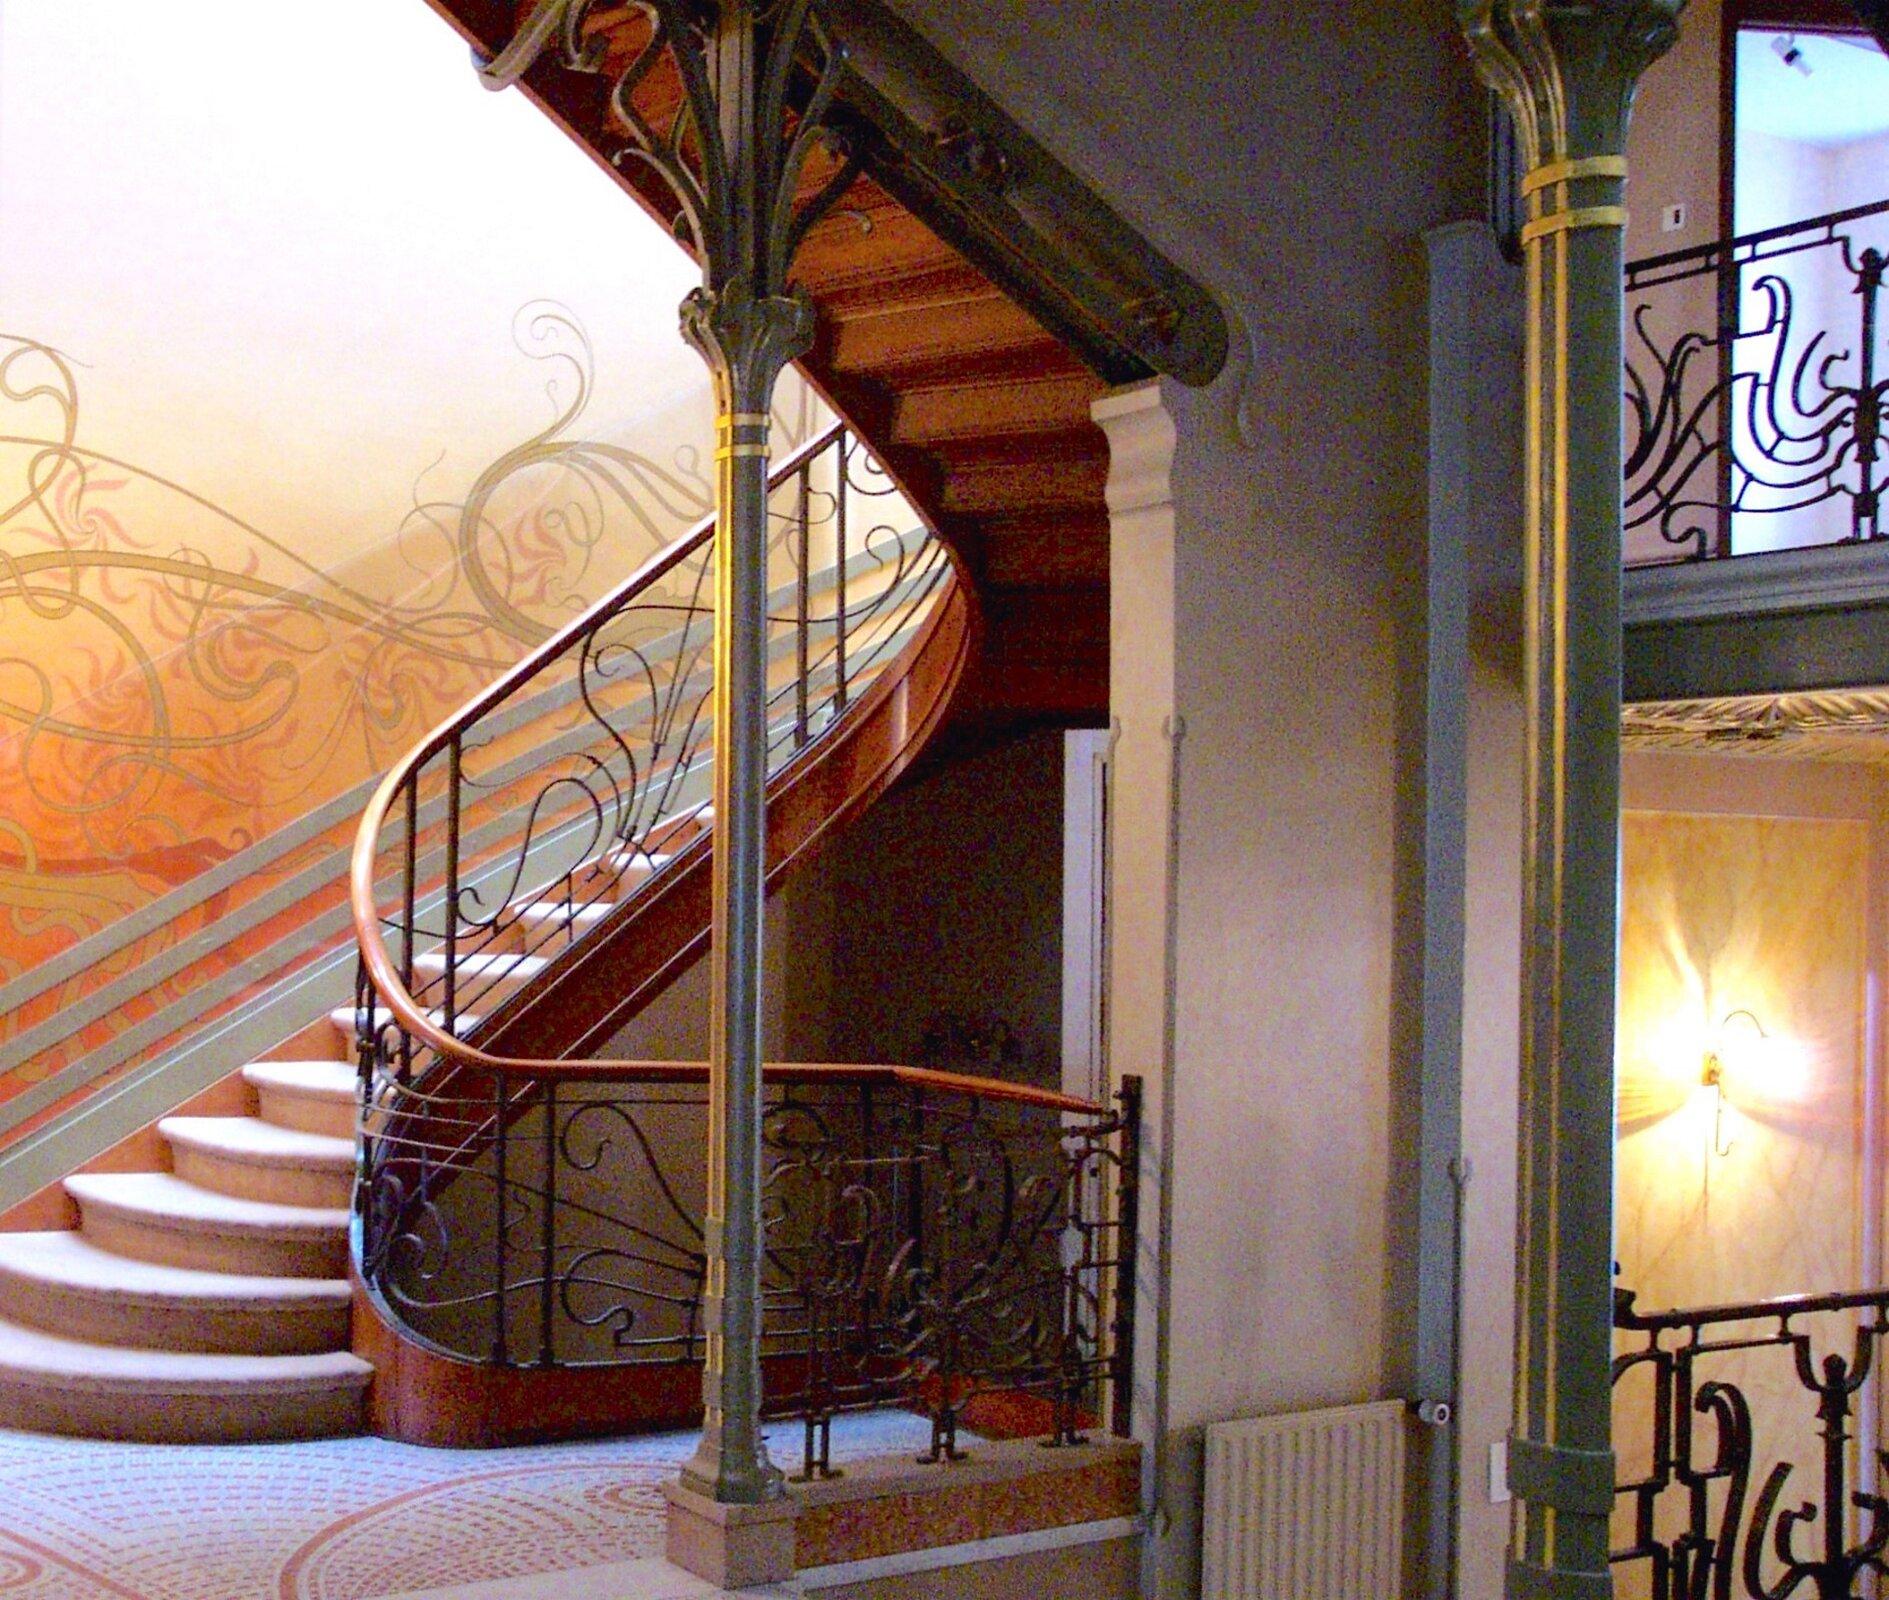 Ilustracja przedstawia klatkę schodową Hotelu Tassel wBrukseli. Jest to jeden znajbardziej rozpoznawalnych przykładów zdobnictwa secesyjnego, którego głównym elementem była charakterystyczna giętka, płynna linia. Na fotografii możemy dostrzec fragment schodów oraz korytarza.